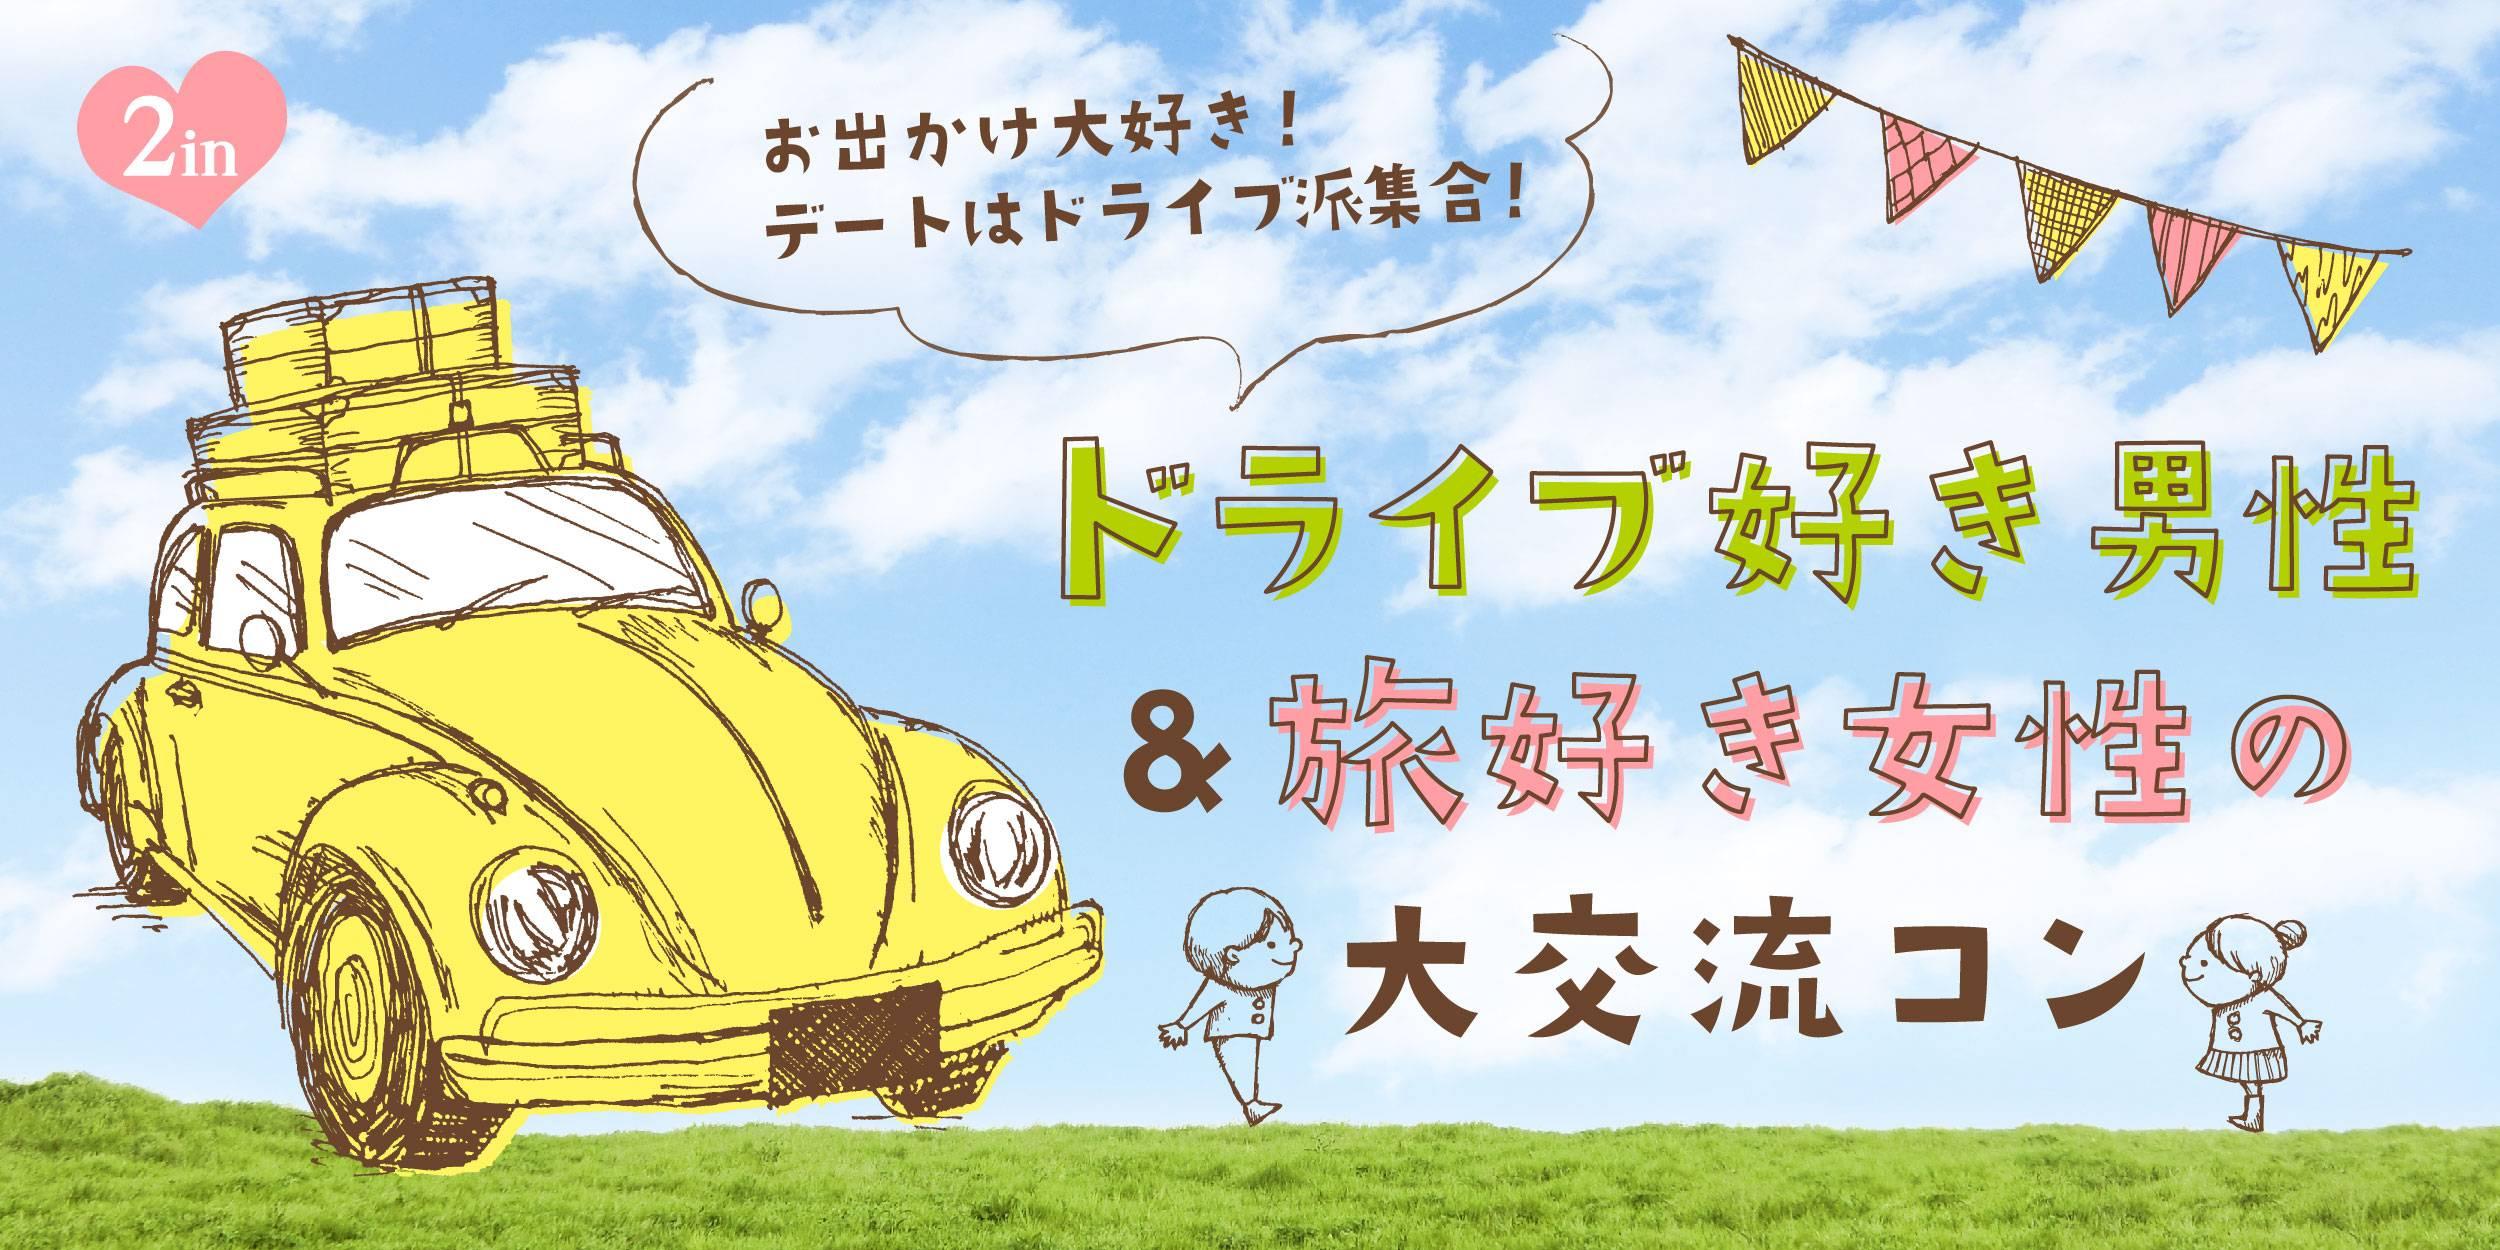 【倉敷のプチ街コン】合同会社ツイン主催 2017年11月23日